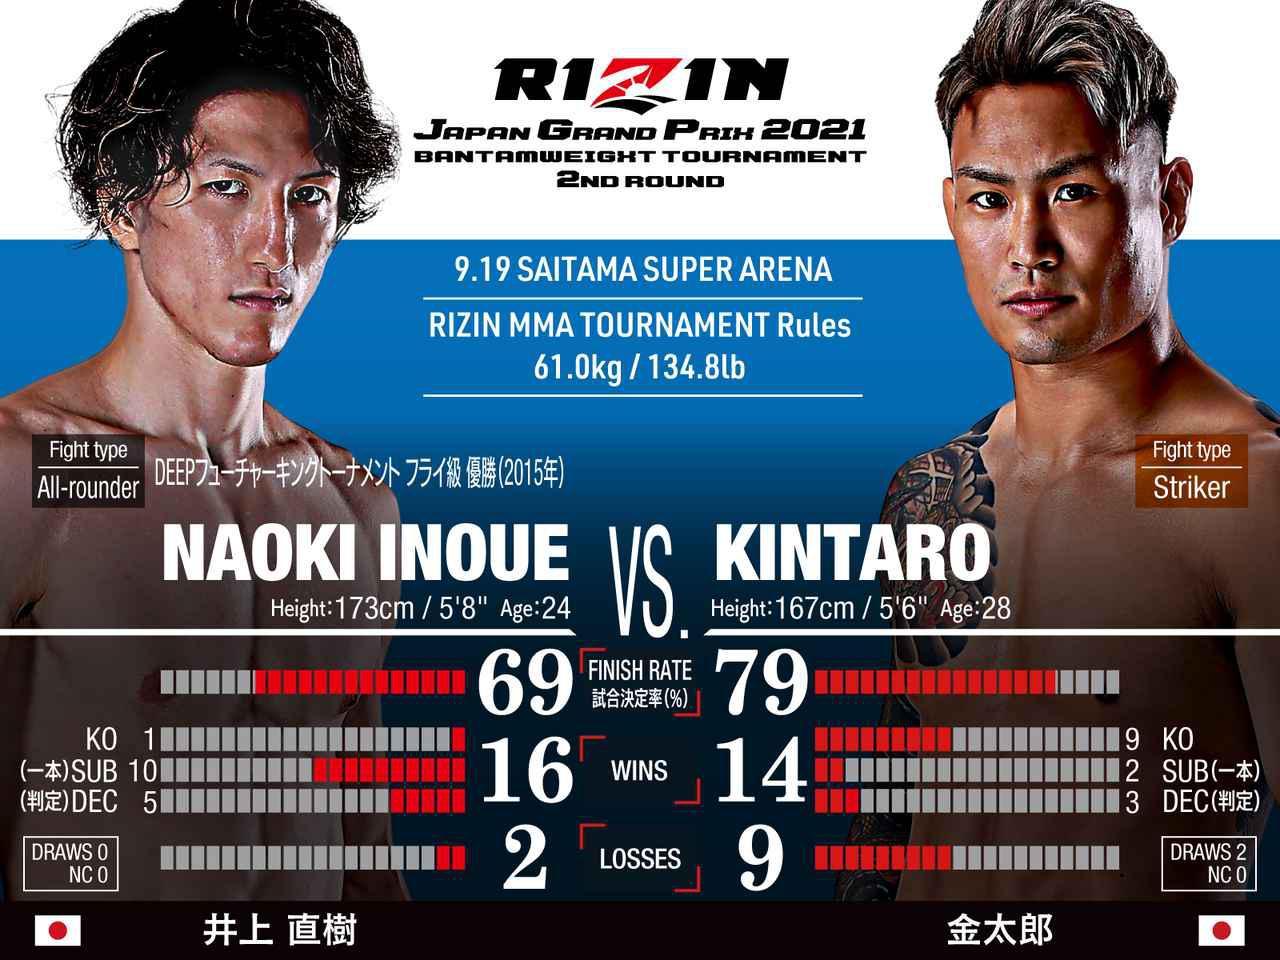 画像: Naoki Inoue vs Kintaro